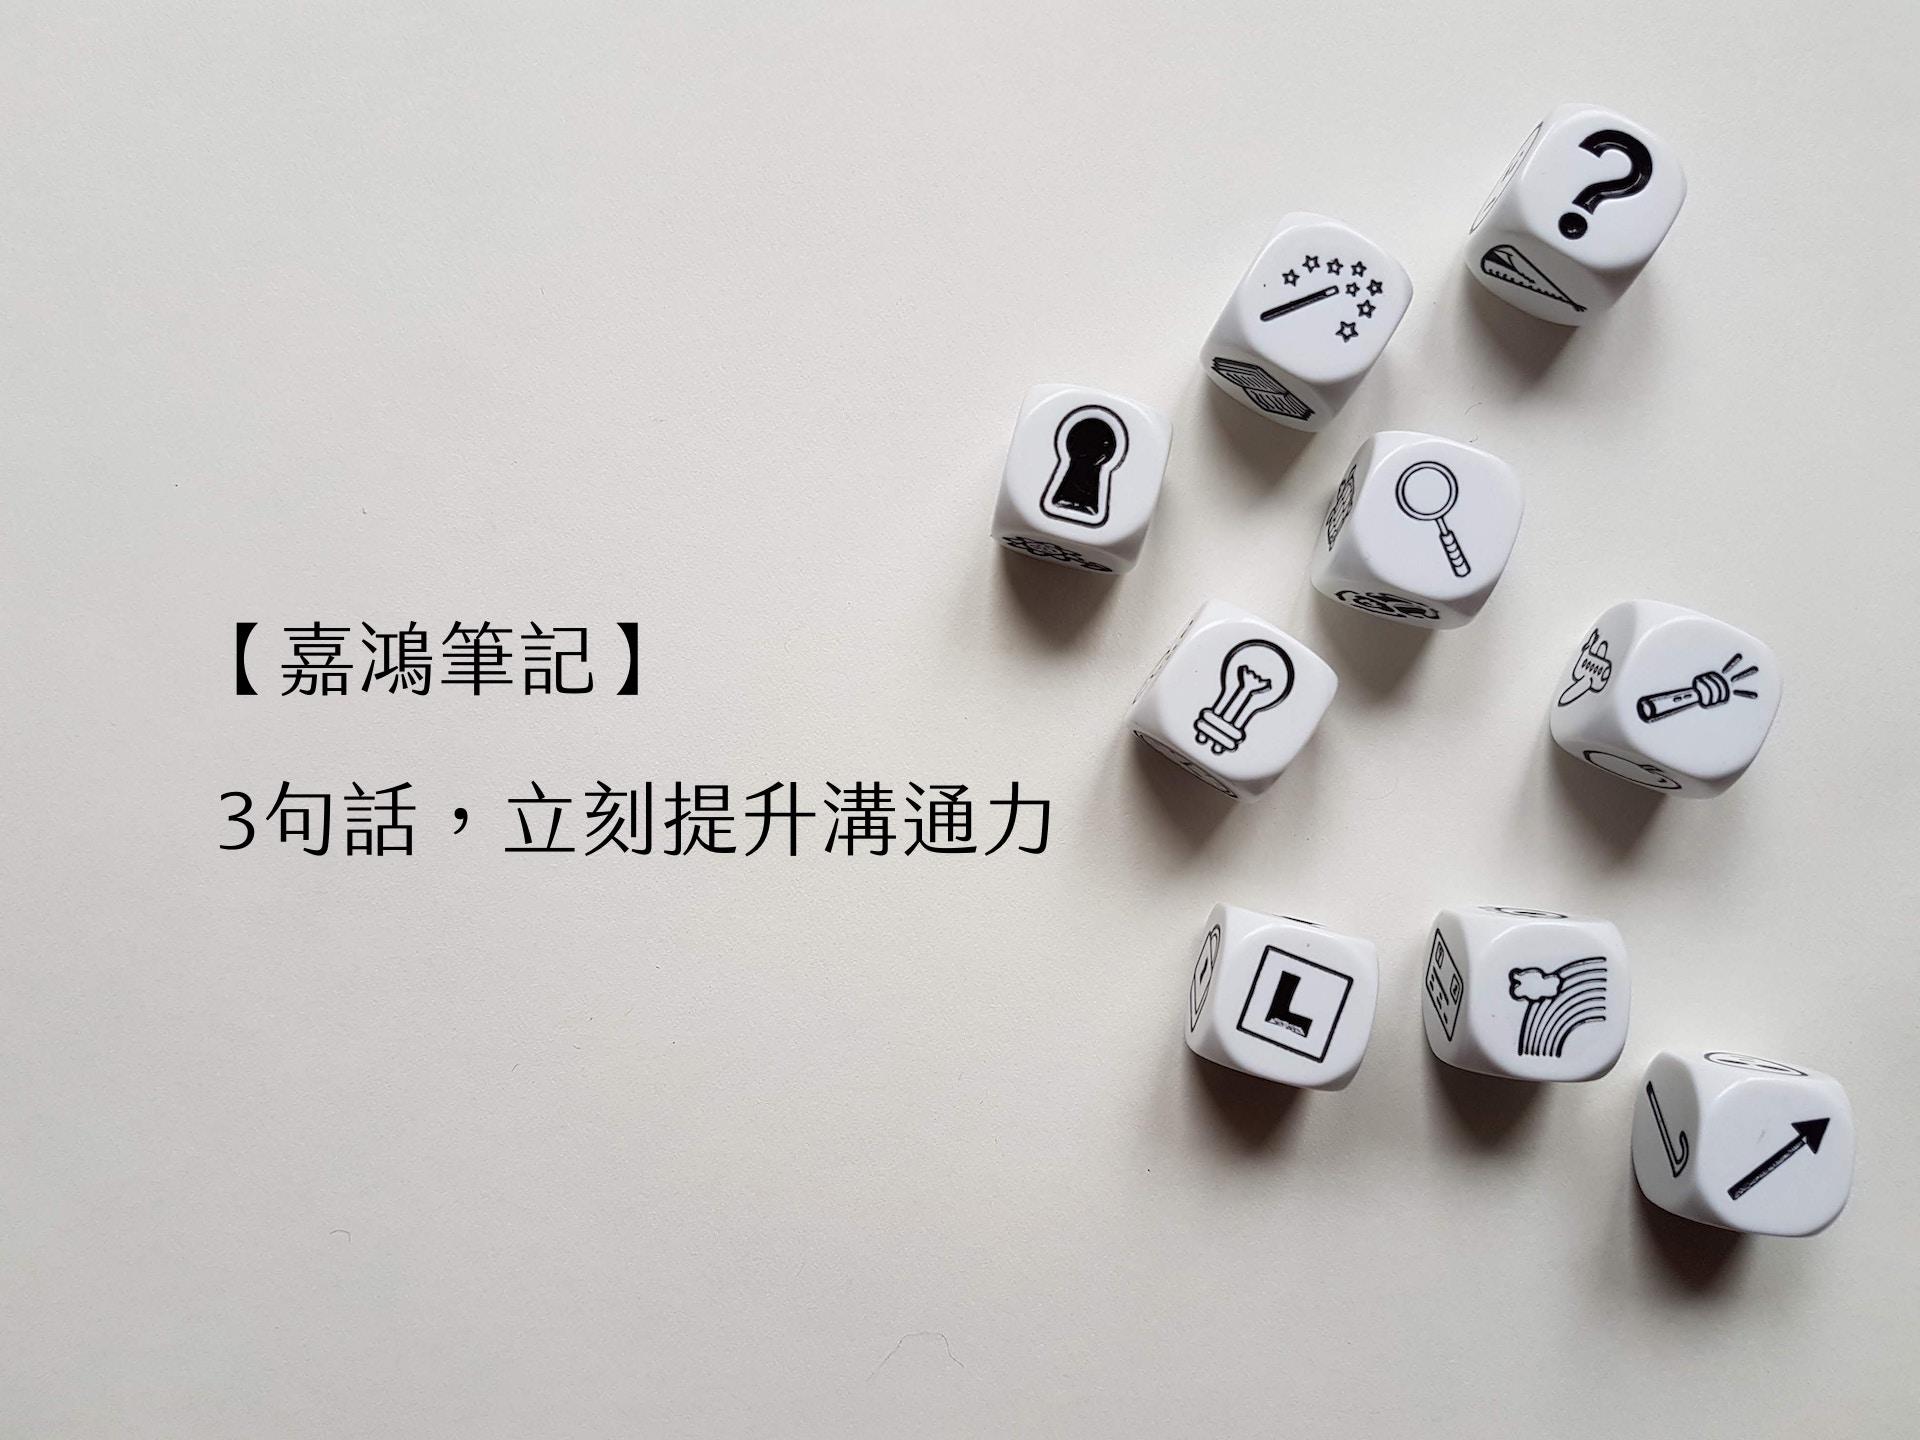 【嘉鴻筆記】3句話,立刻提升溝通力 2